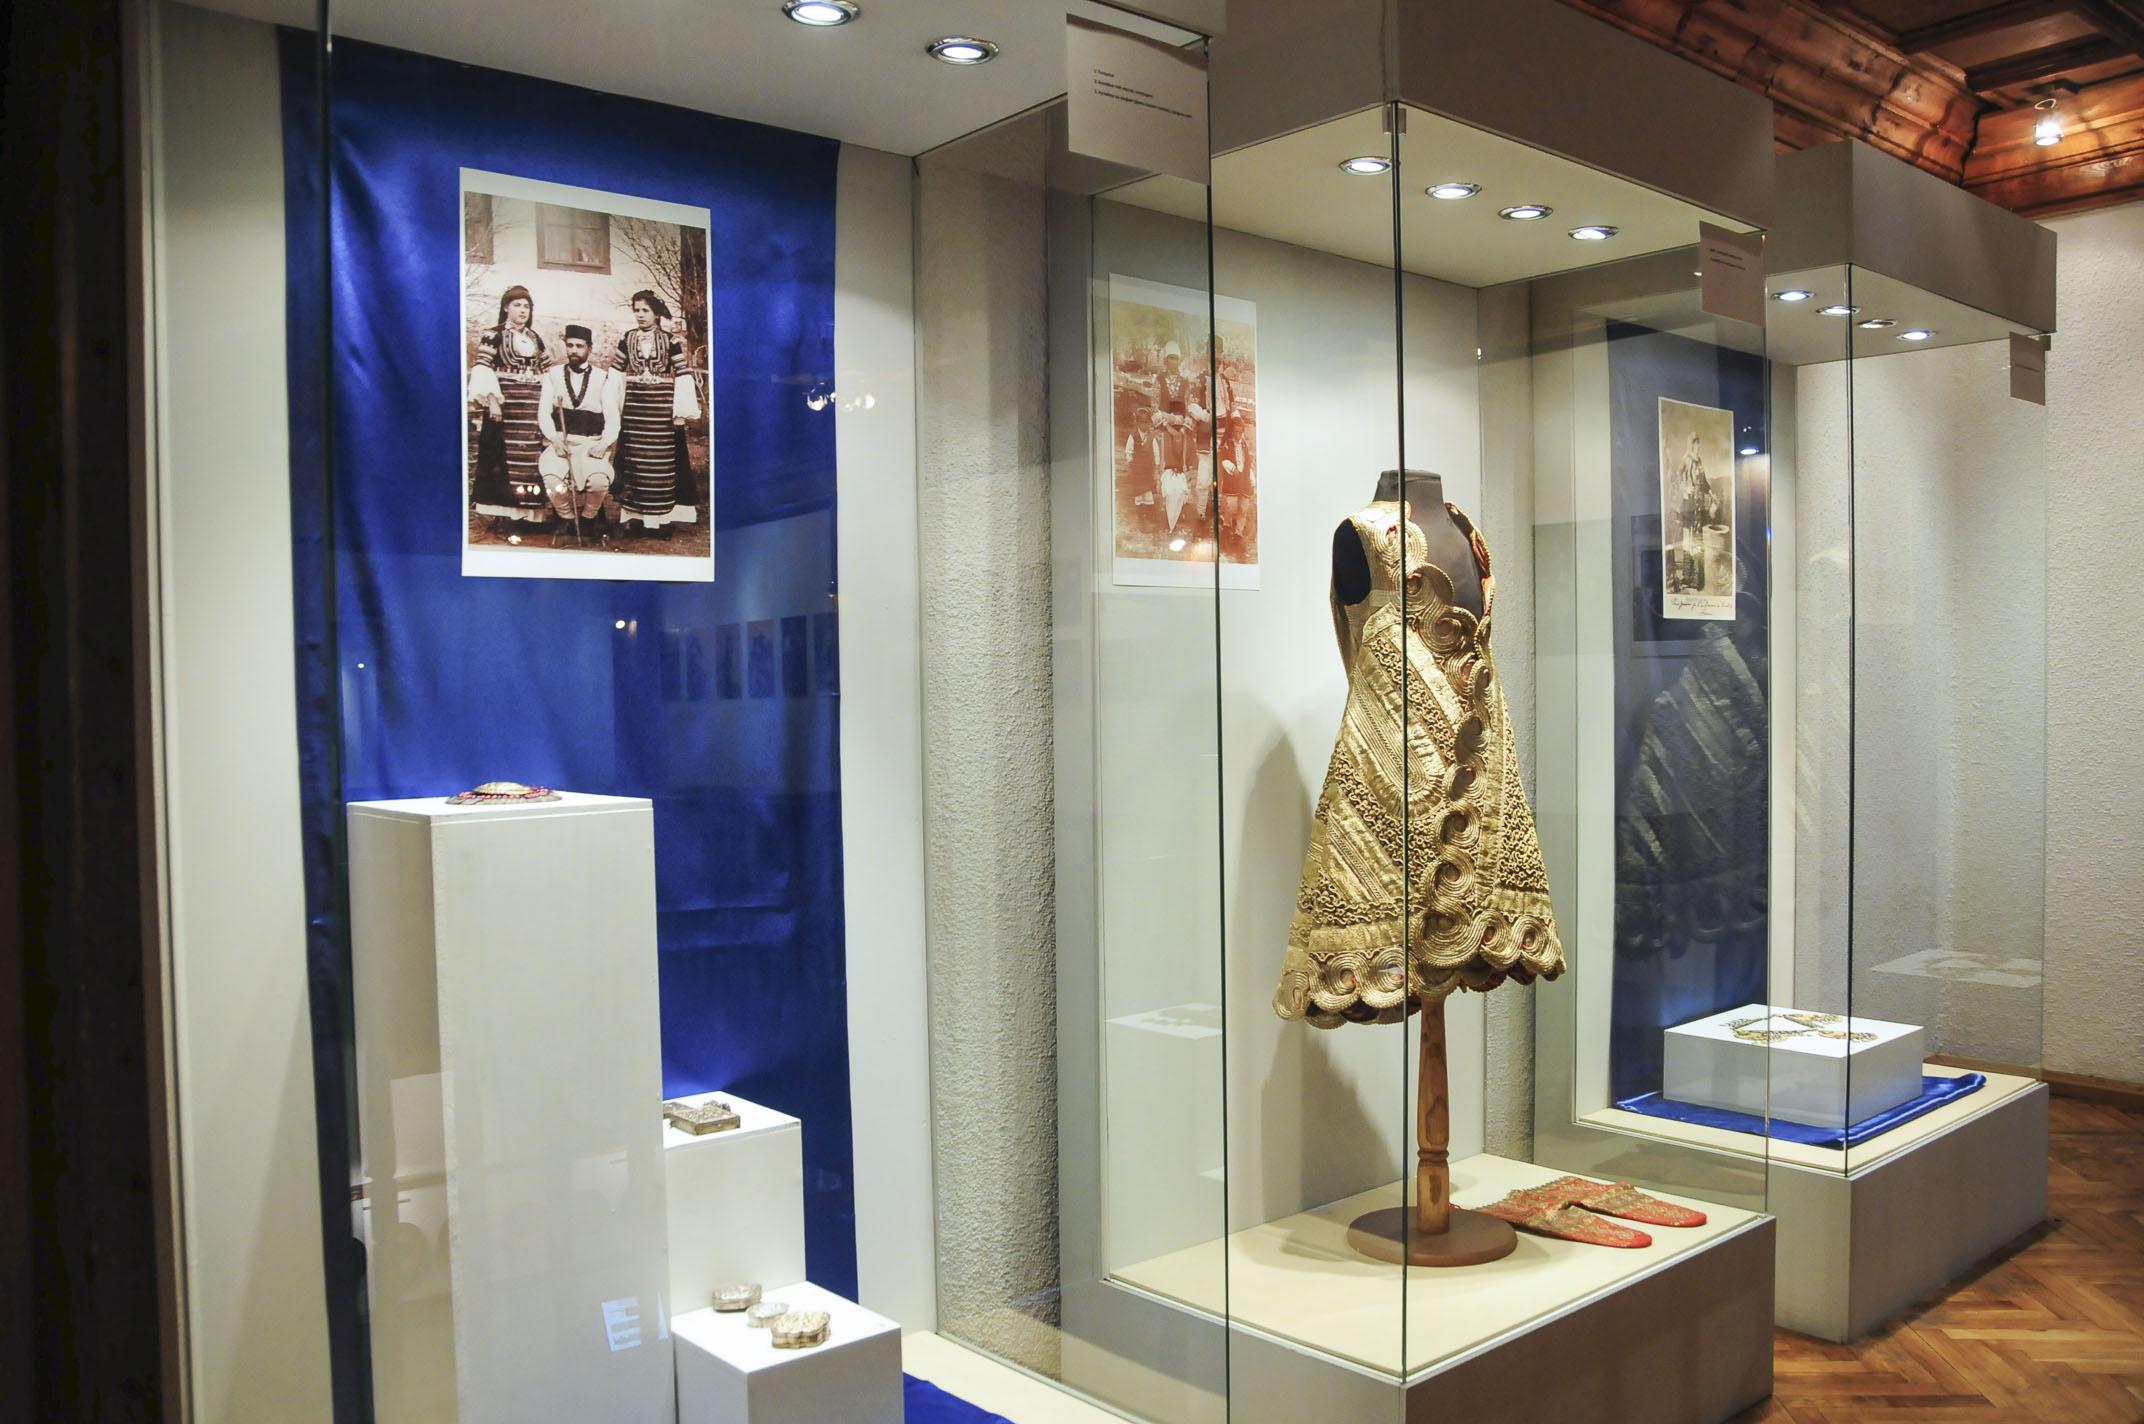 troyan-museum-bylgarsko-zlatarsko-izkustvo-28